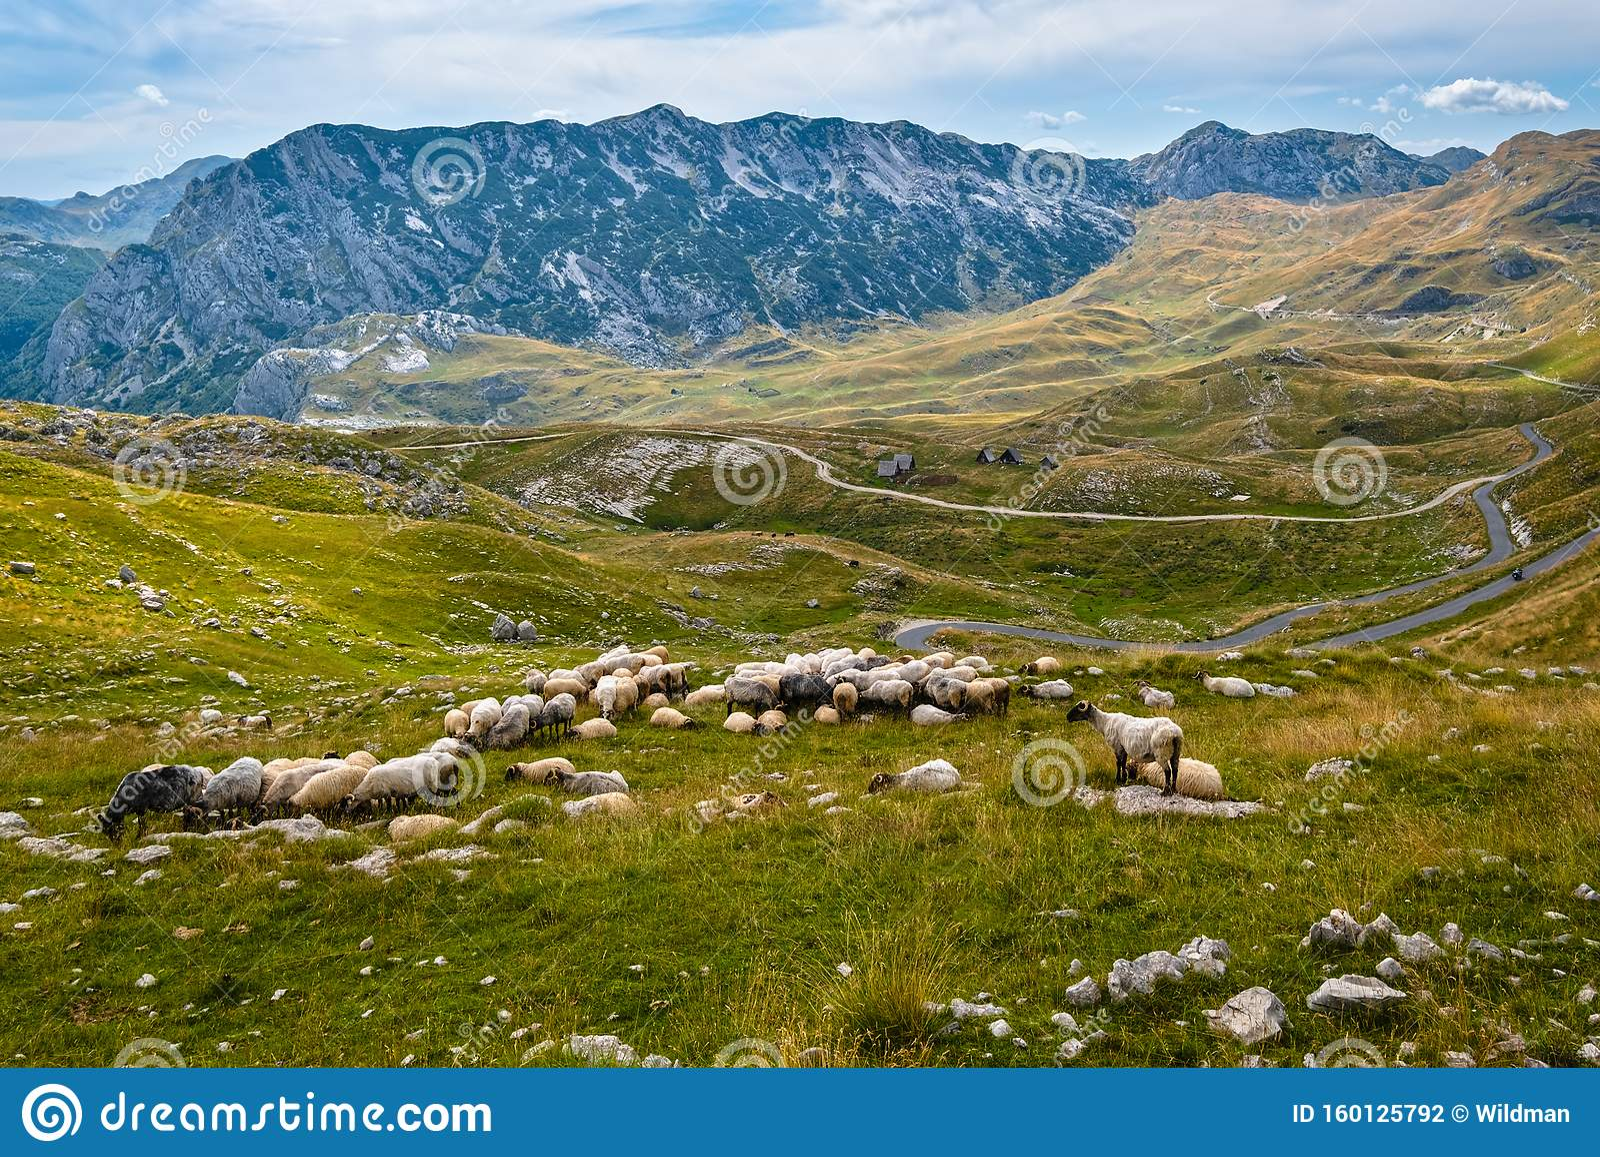 Седло гора — National Geographic Россия: красота мира в каждом кадре | 1155x1600